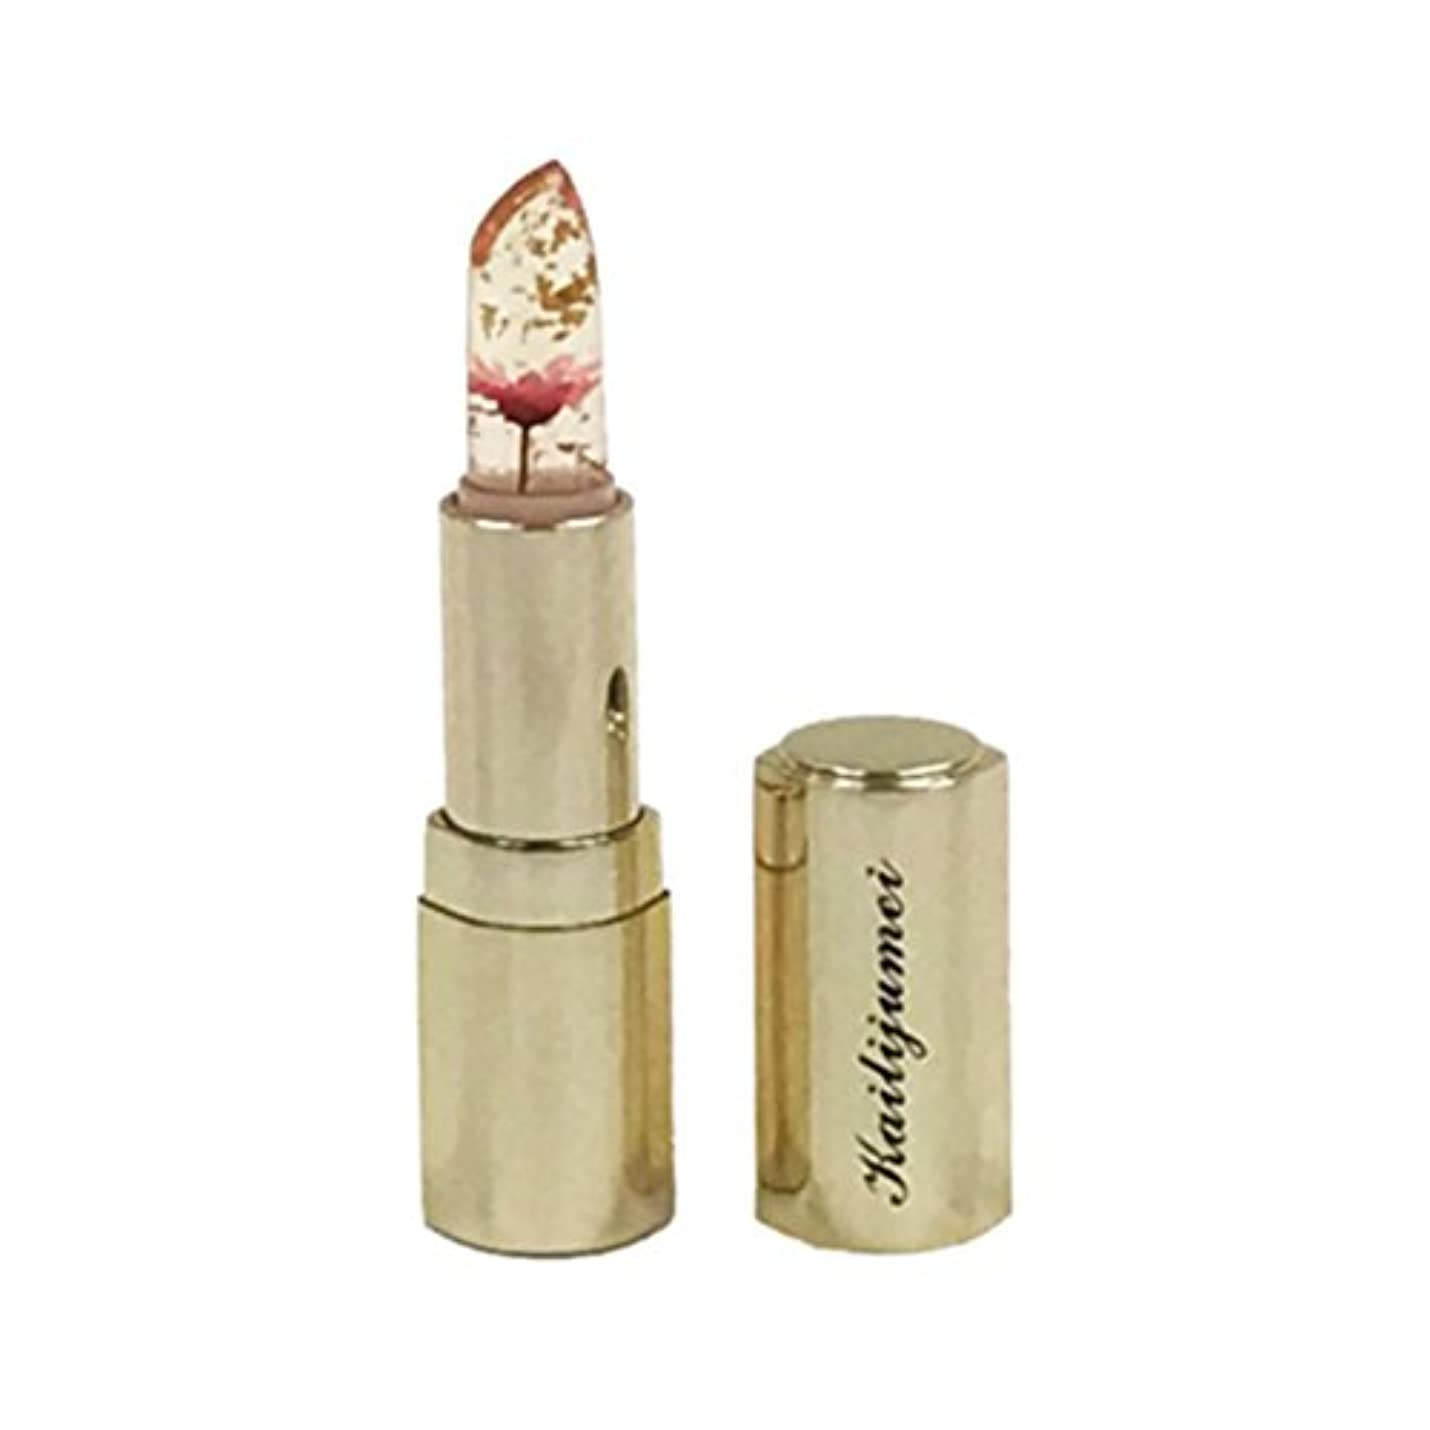 スクリュー豊富にオペレーターkailijumei カイリジュメイ 直接購入品 フラワーリップスティック 金粉入り Babie Doll Powder ピンク 02